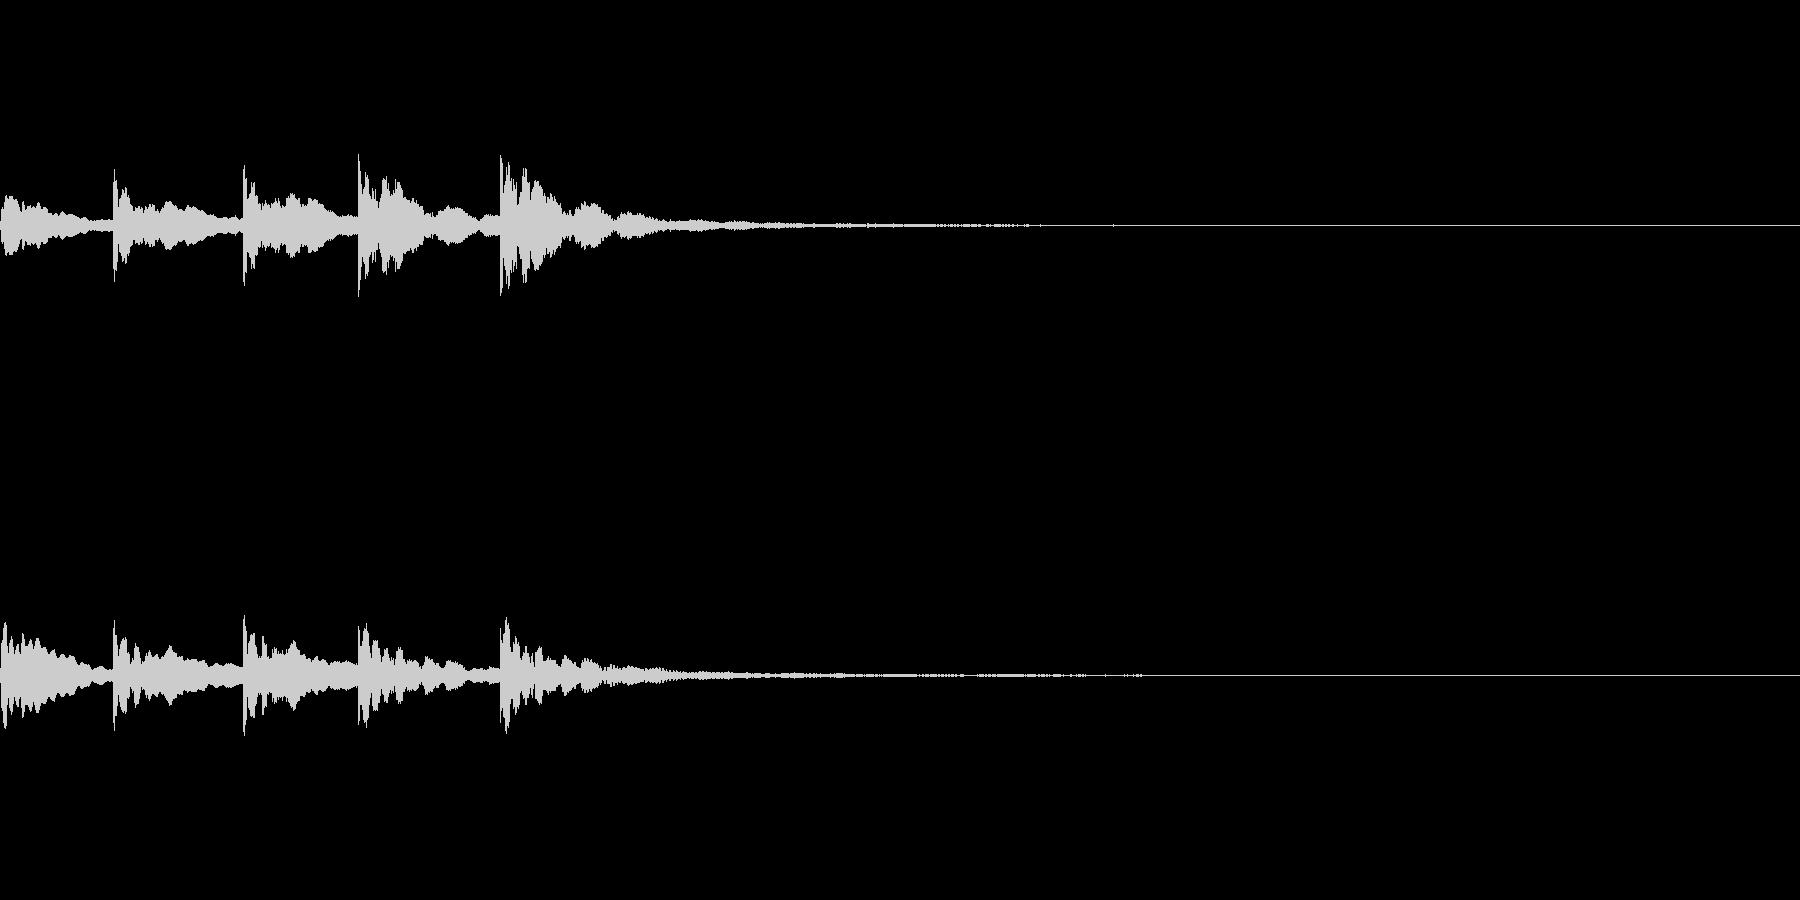 【SE 効果音】ティロティリロリン2の未再生の波形